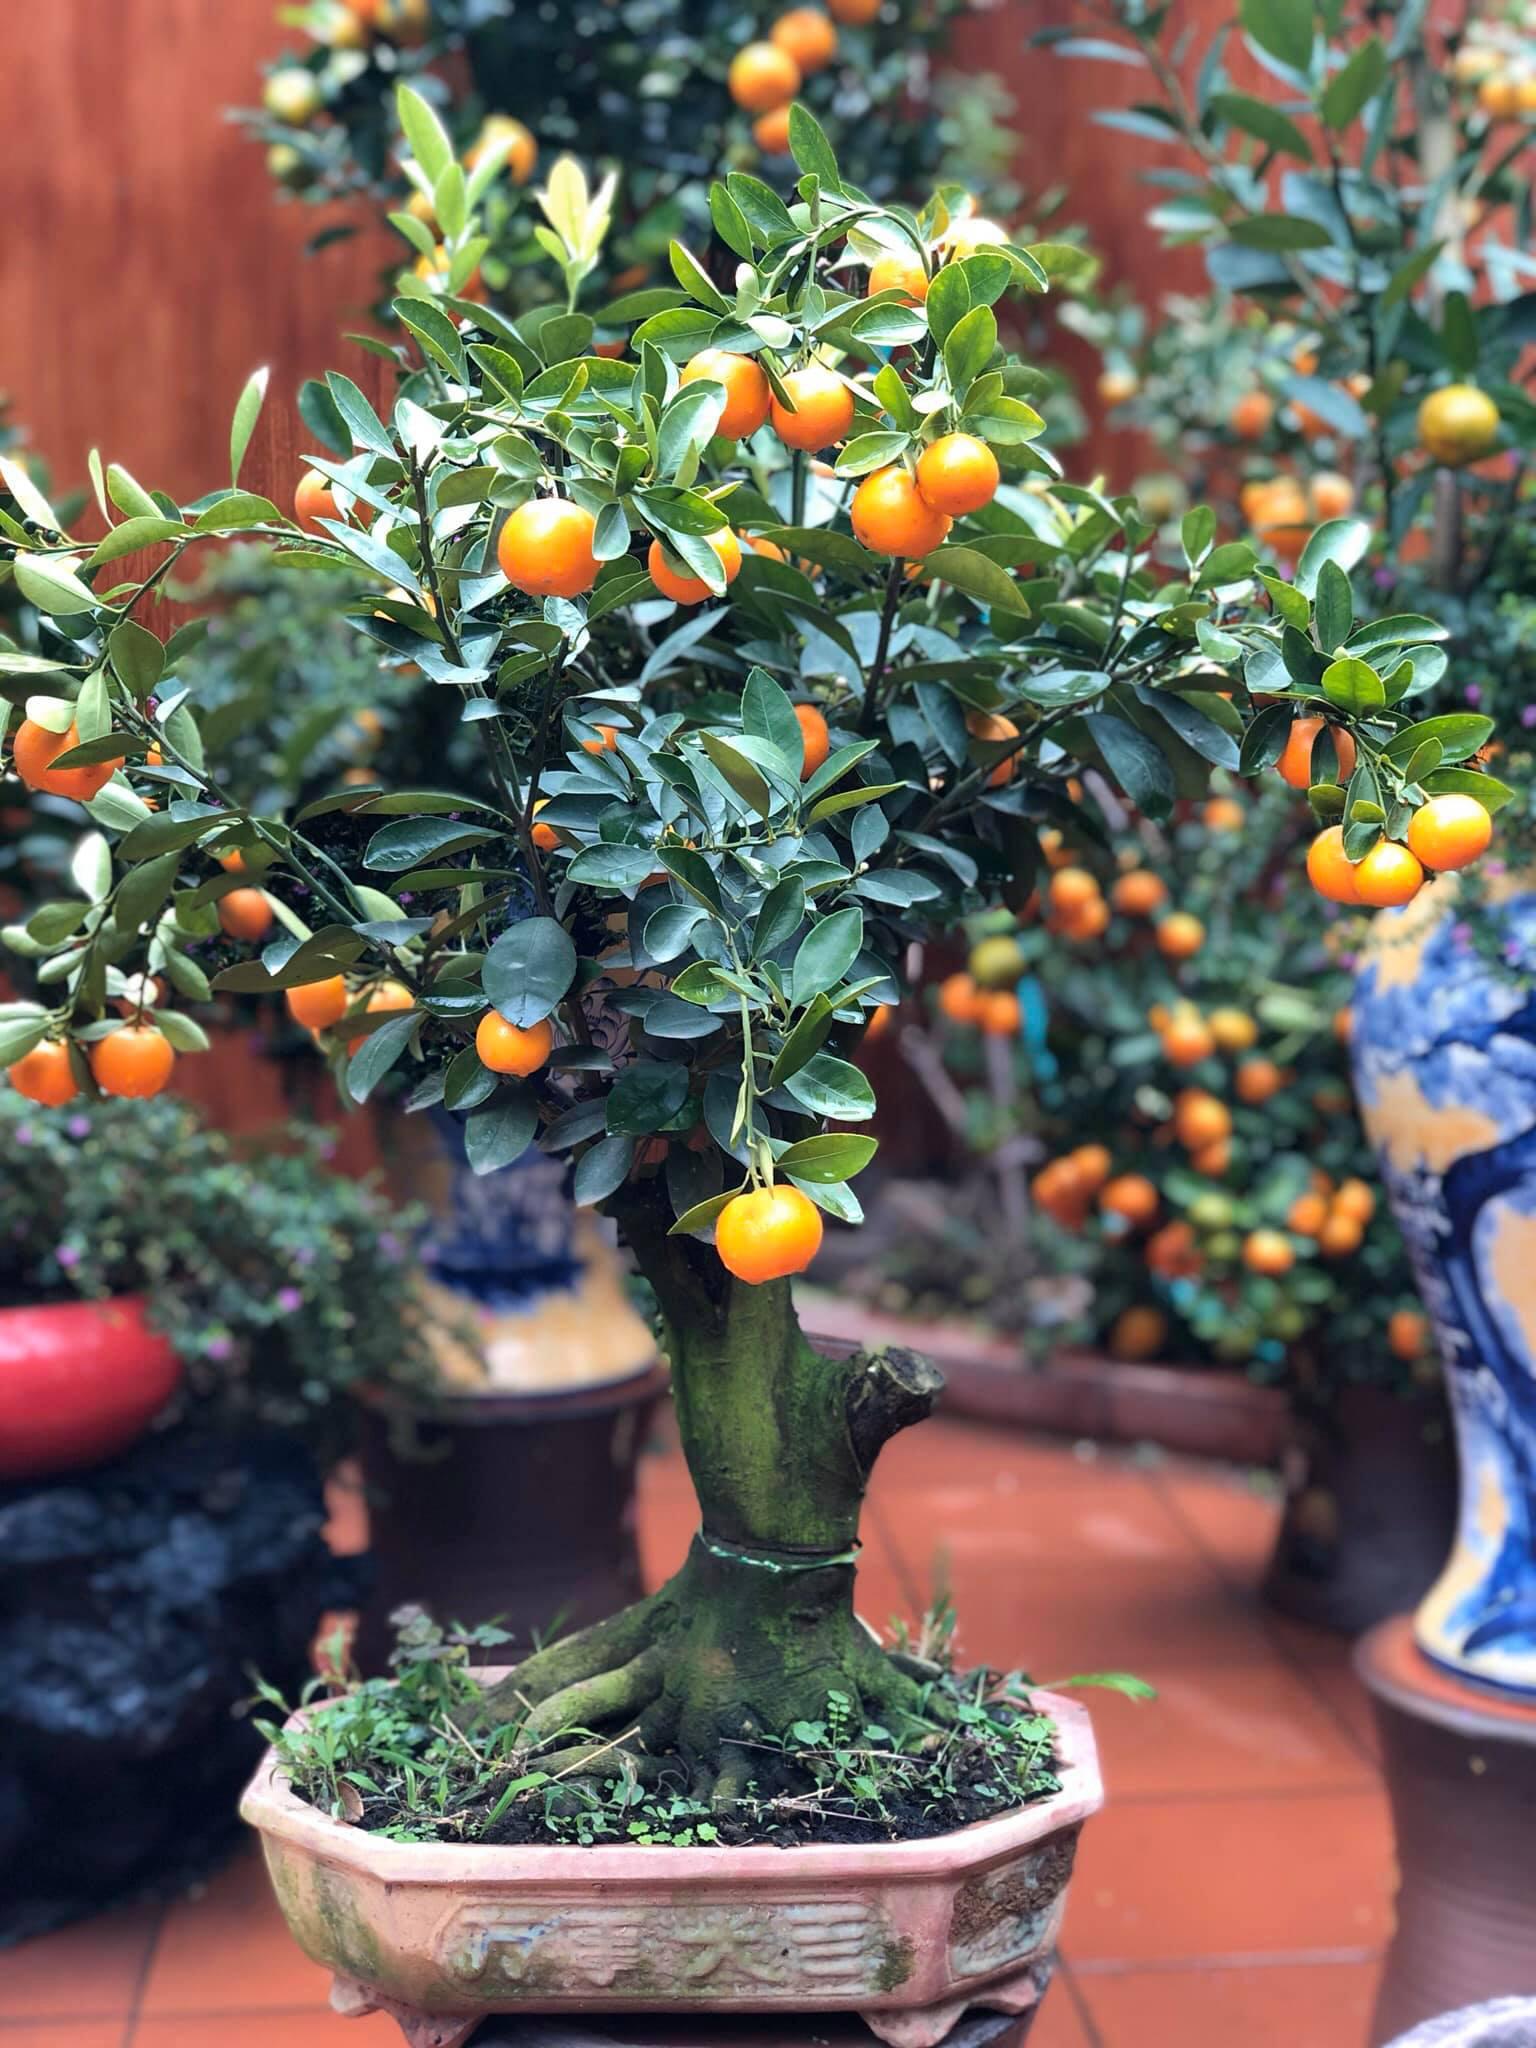 Tết Tân Sửu: Quất bonsai mini, vừa túi tiền dễ bán, dễ mua, dễ trưng bày đắt khách như tôm tươi - Ảnh 10.